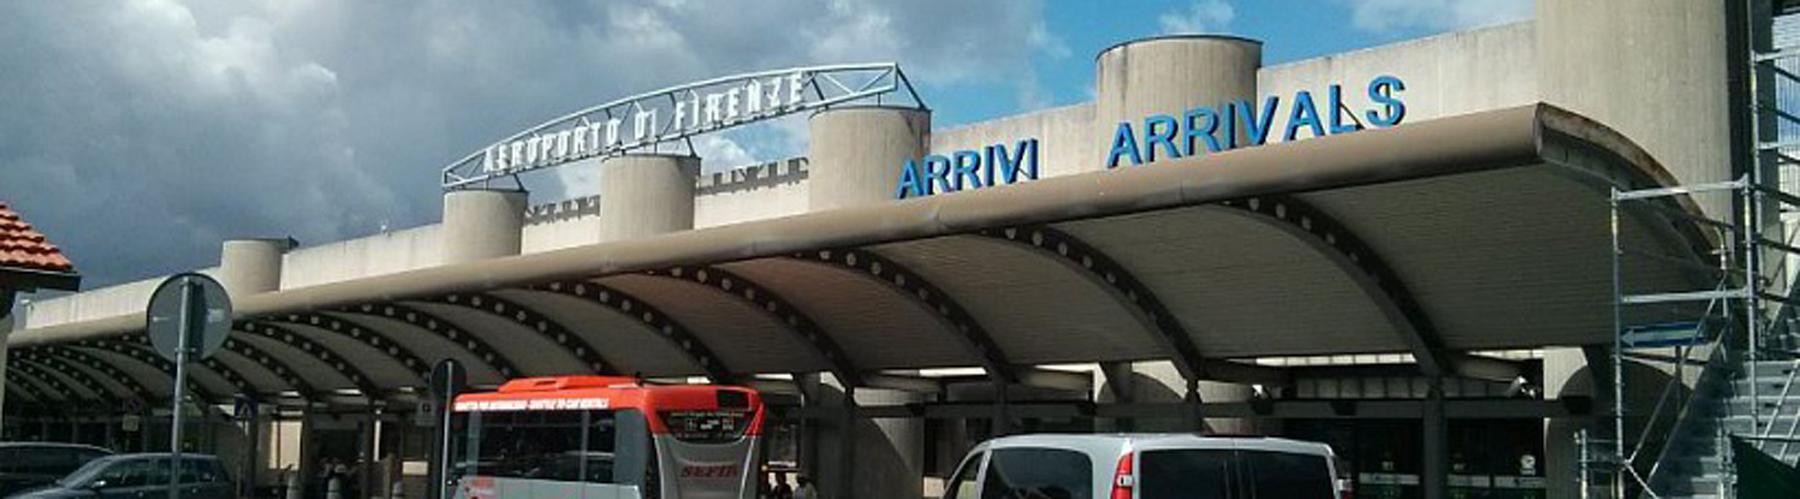 피렌체 - 페레톨라 공항에 가까운 캠핑장. 피렌체의 지도, 피렌체에 위치한 캠핑장에 대한 사진 및 리뷰.